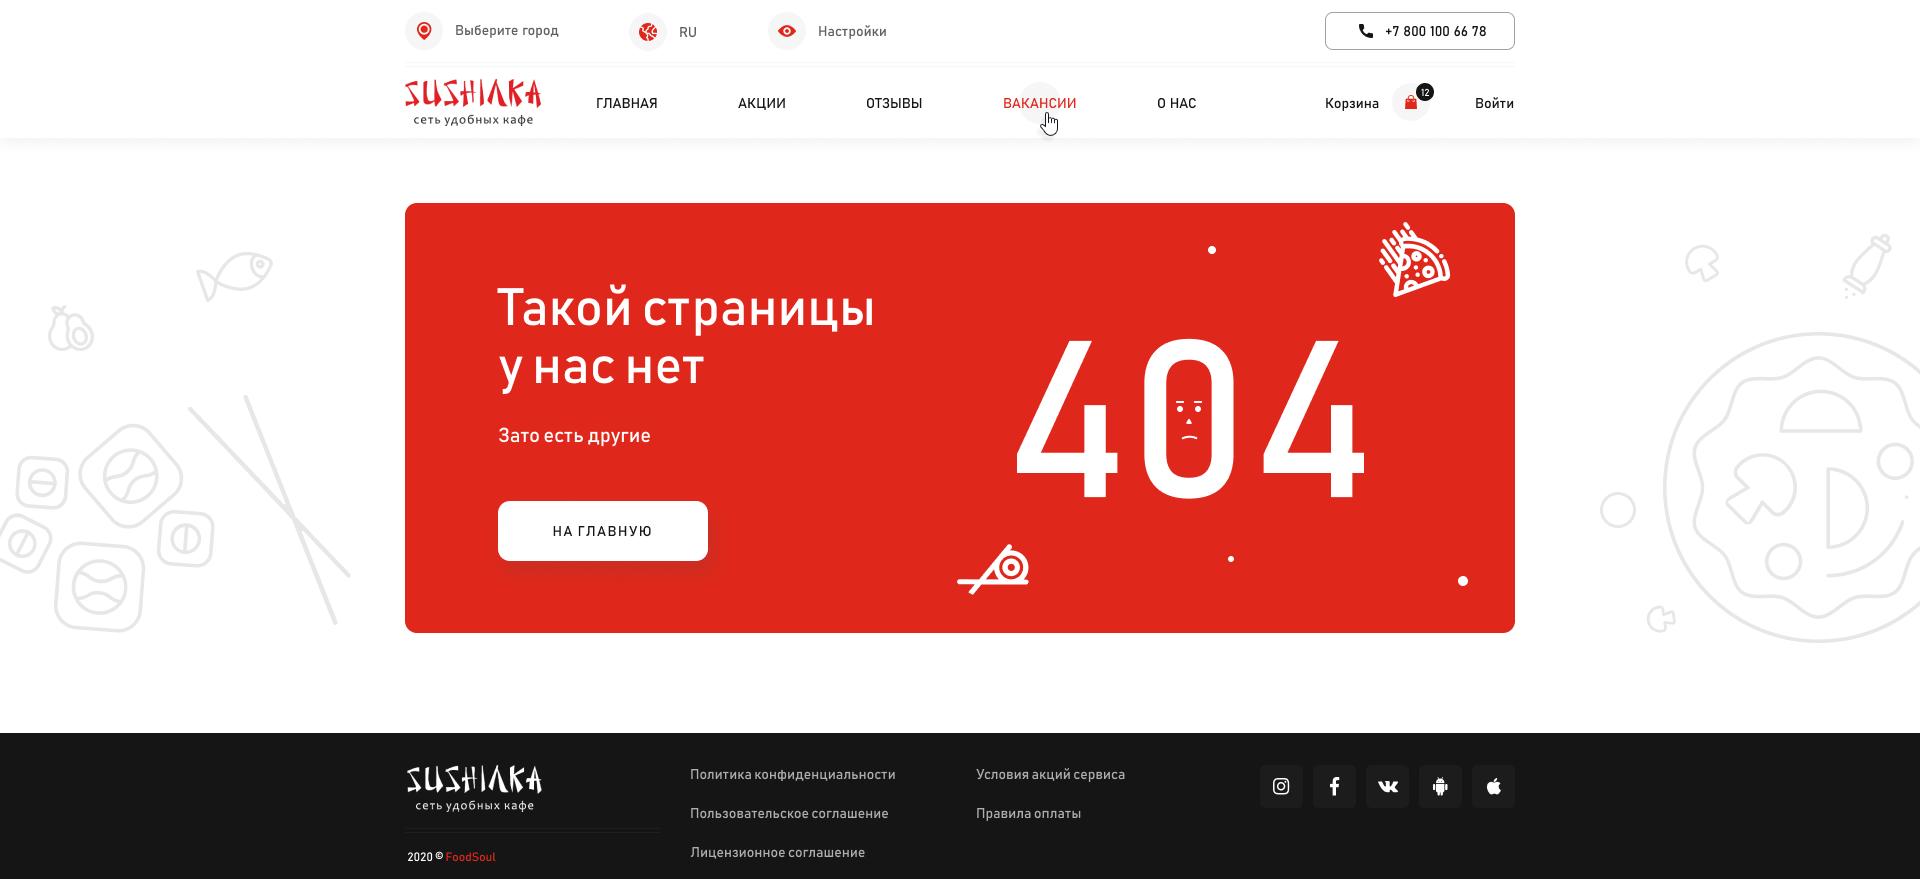 Sushilka_11_404Page _1.0